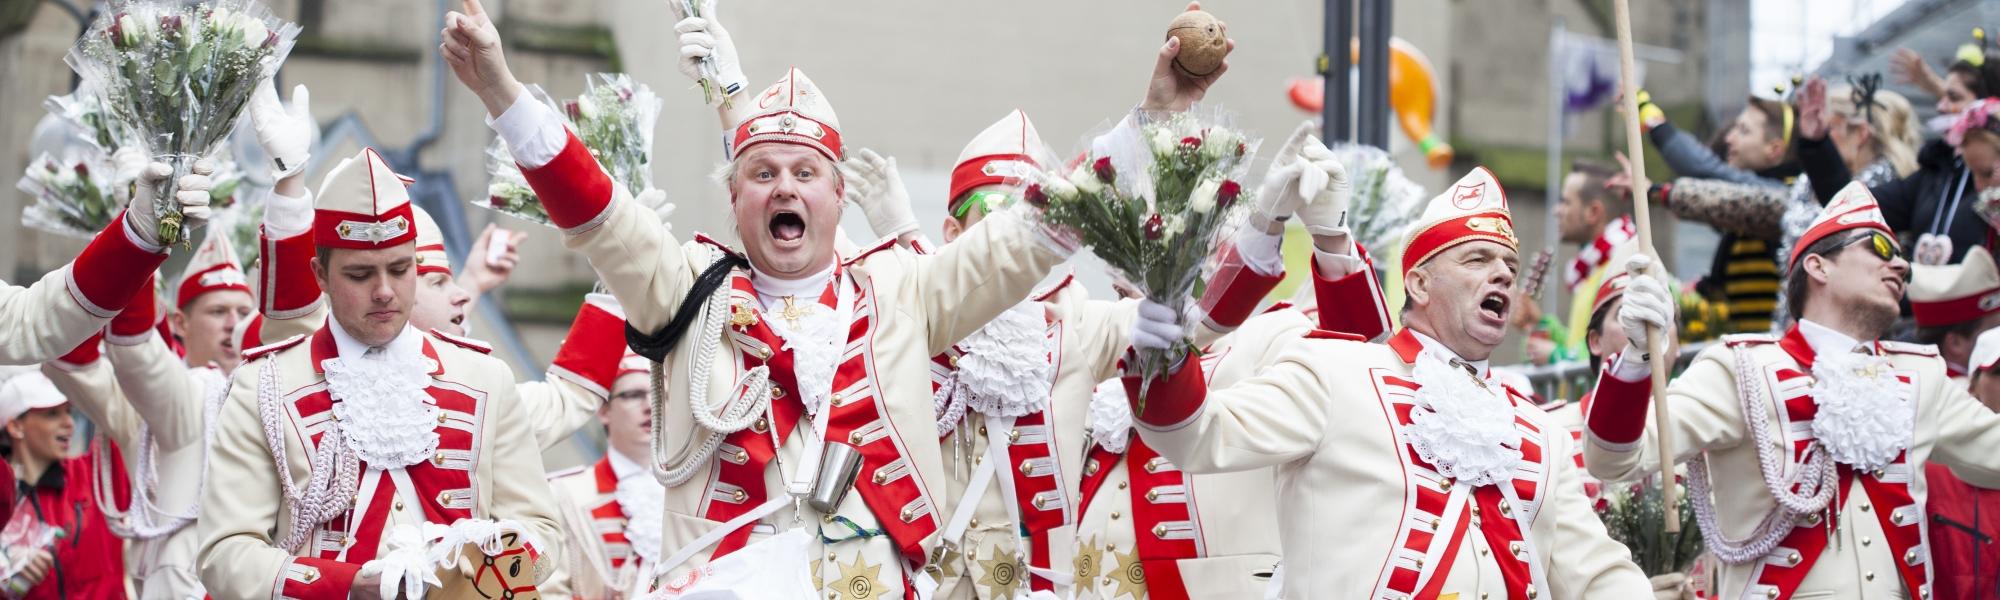 Carnaval de Colonia (Alemania Germany)